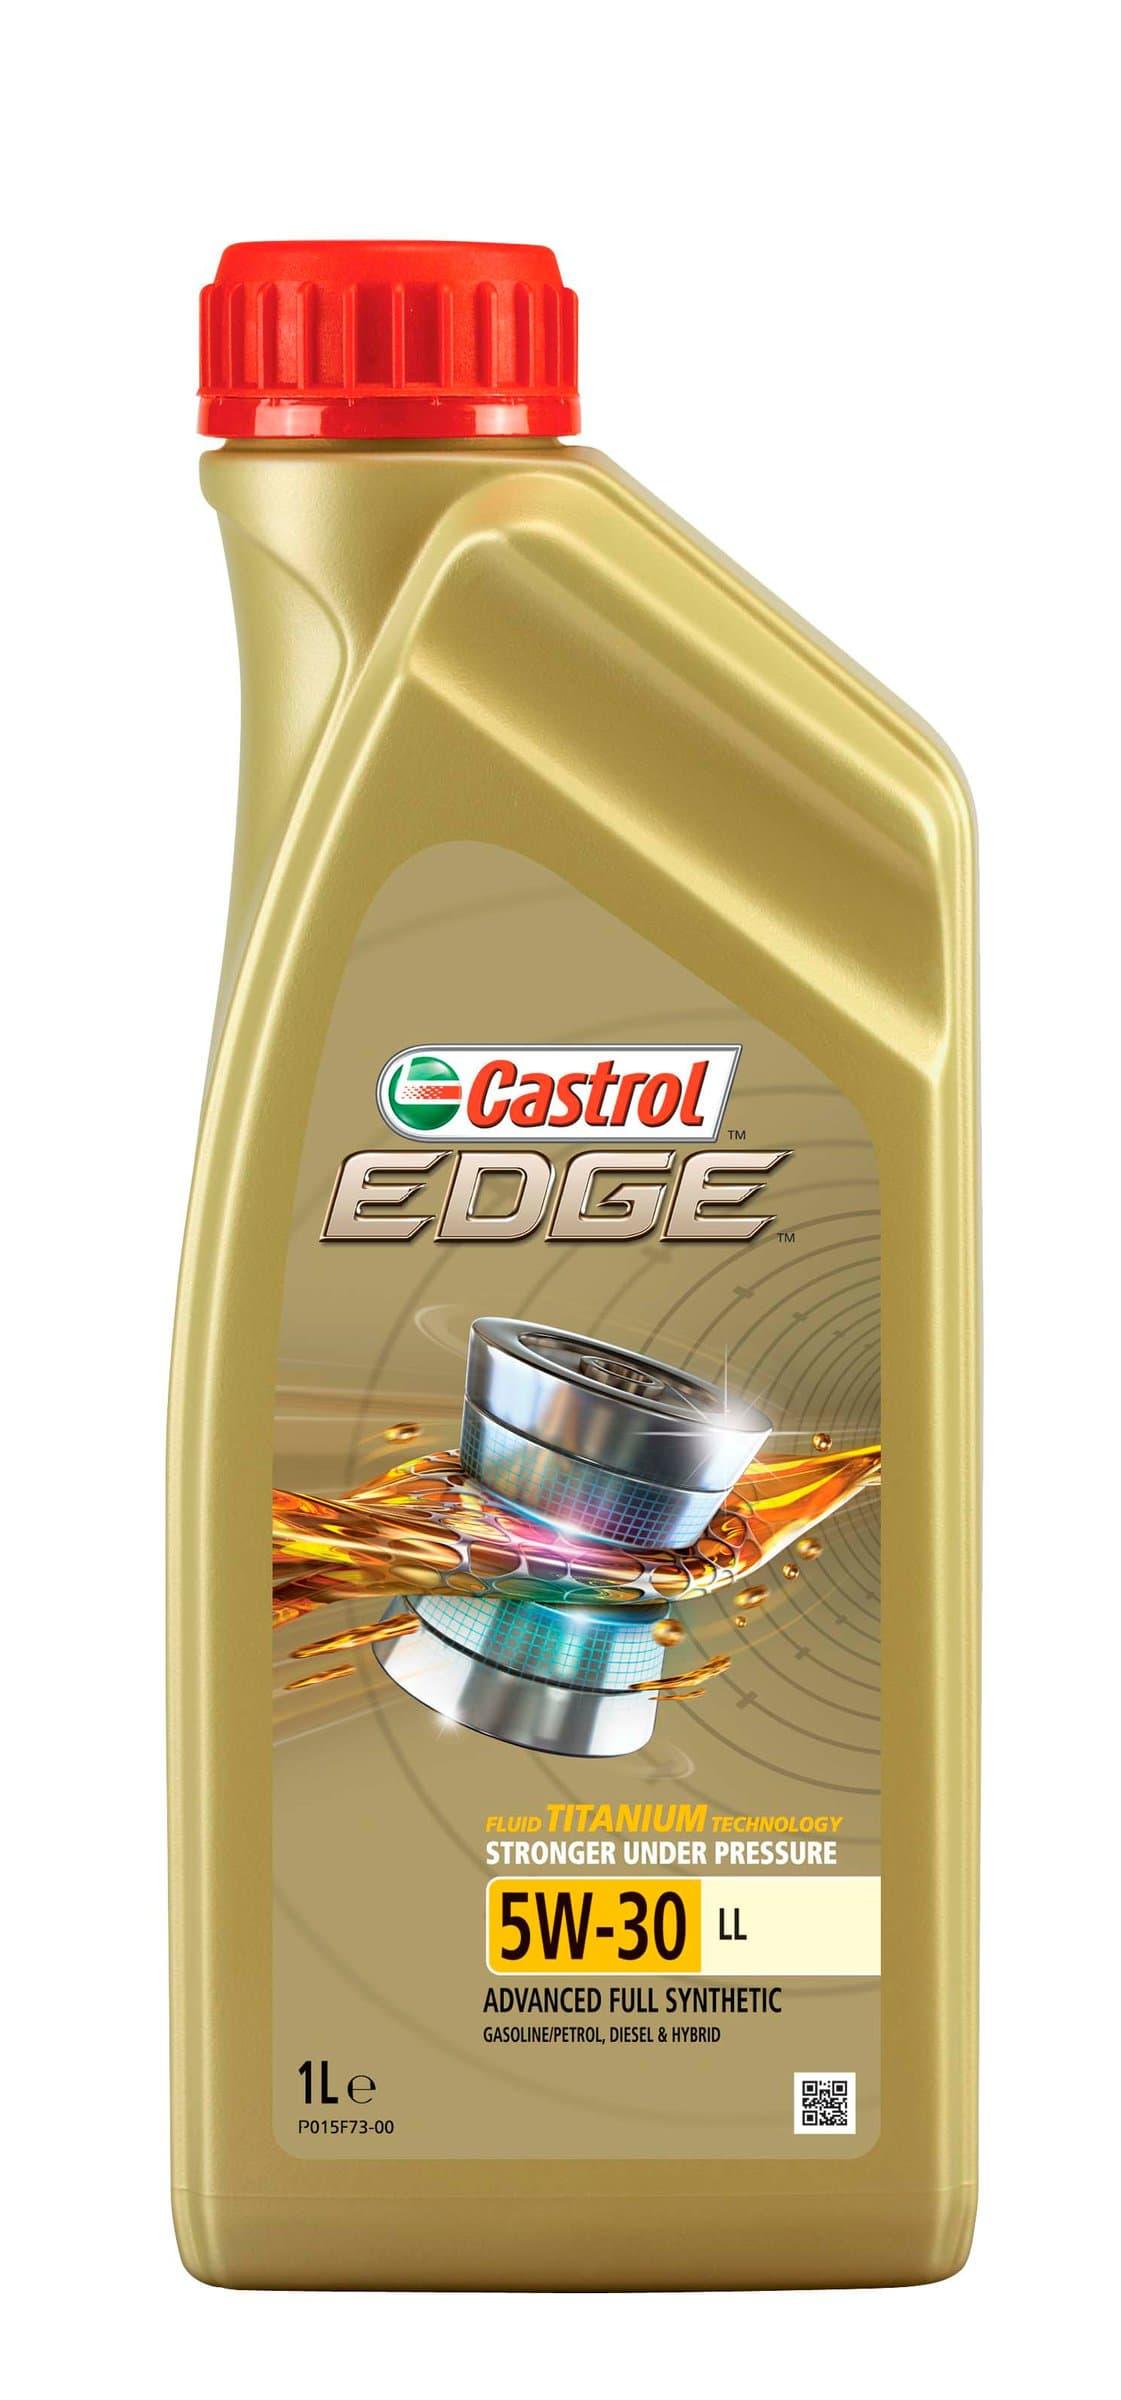 Castrol Edge 5W-30 LL 1 L Motoröl